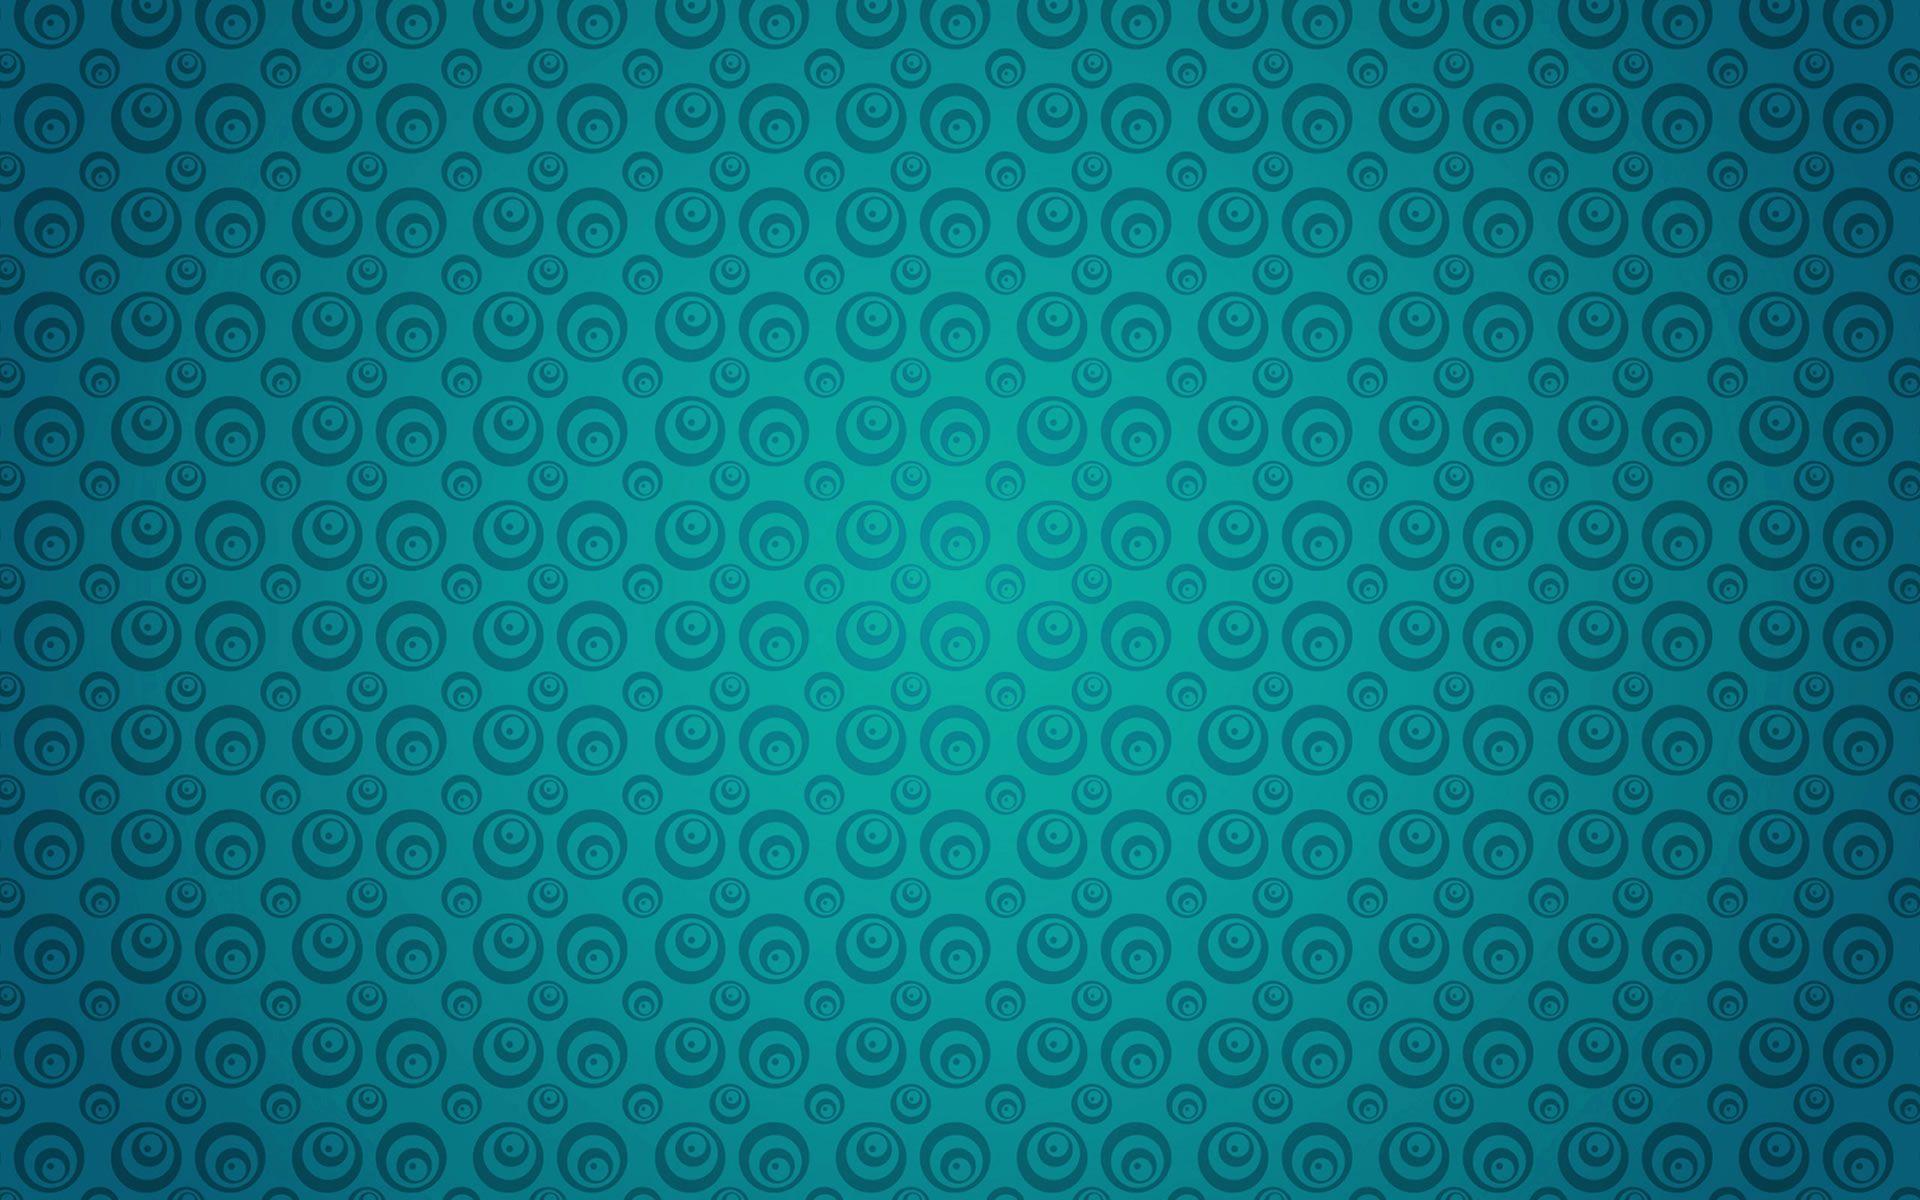 Fondos vintage color azul para pantalla hd 2 hd wallpapers geye fondos vintage color azul para pantalla hd 2 hd wallpapers voltagebd Image collections